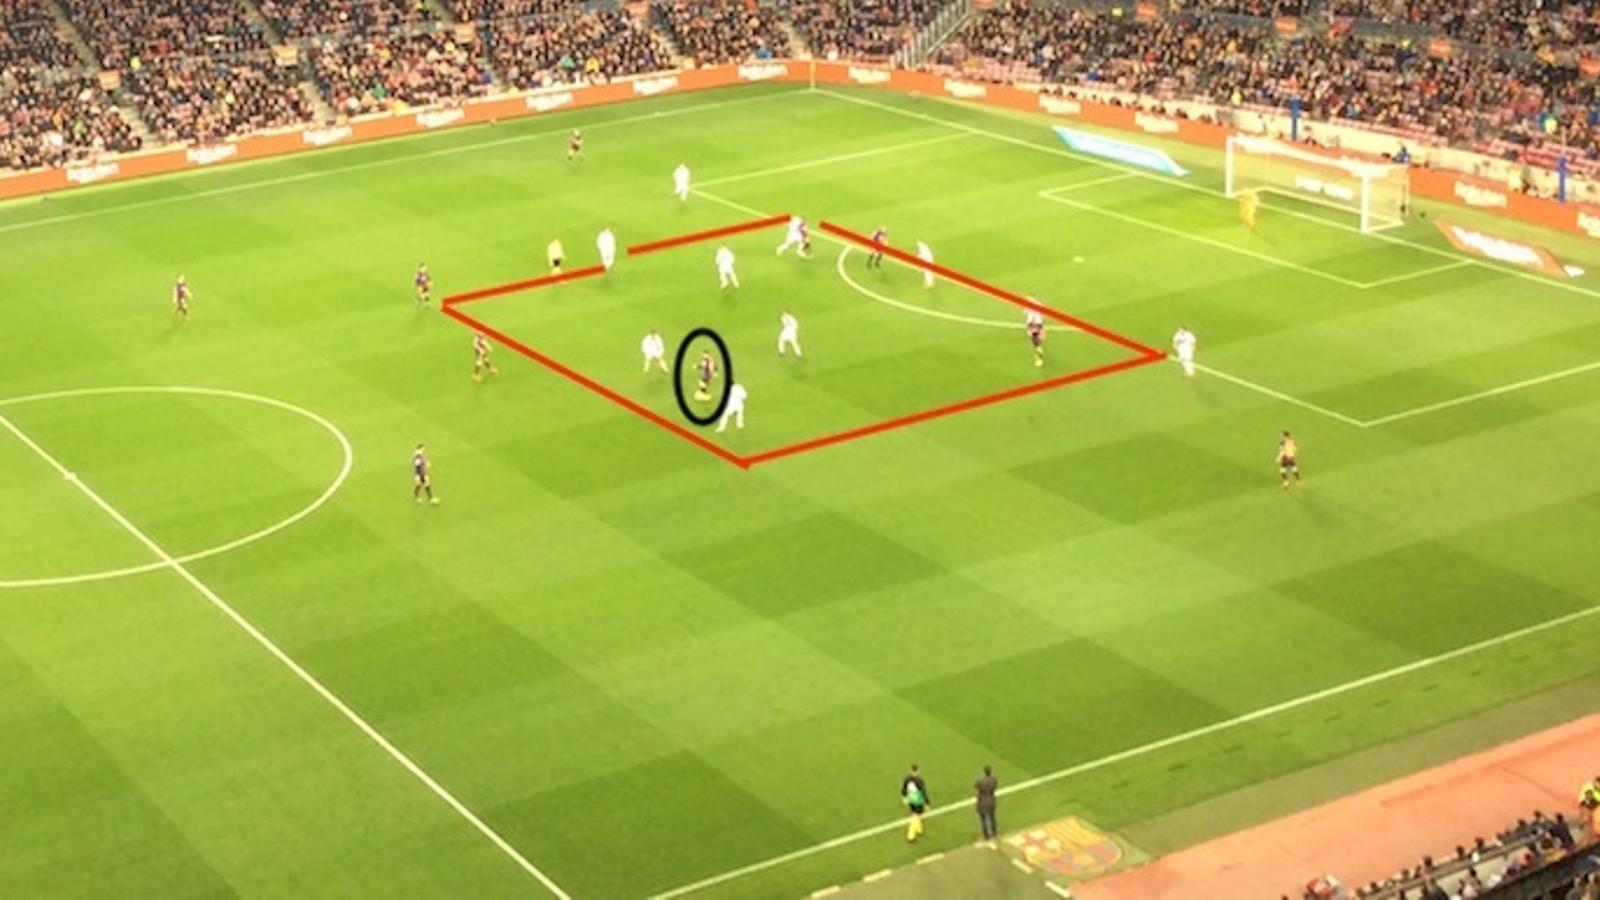 Messi s'entesta a avançar per on més jugadors acumula el Valladolid